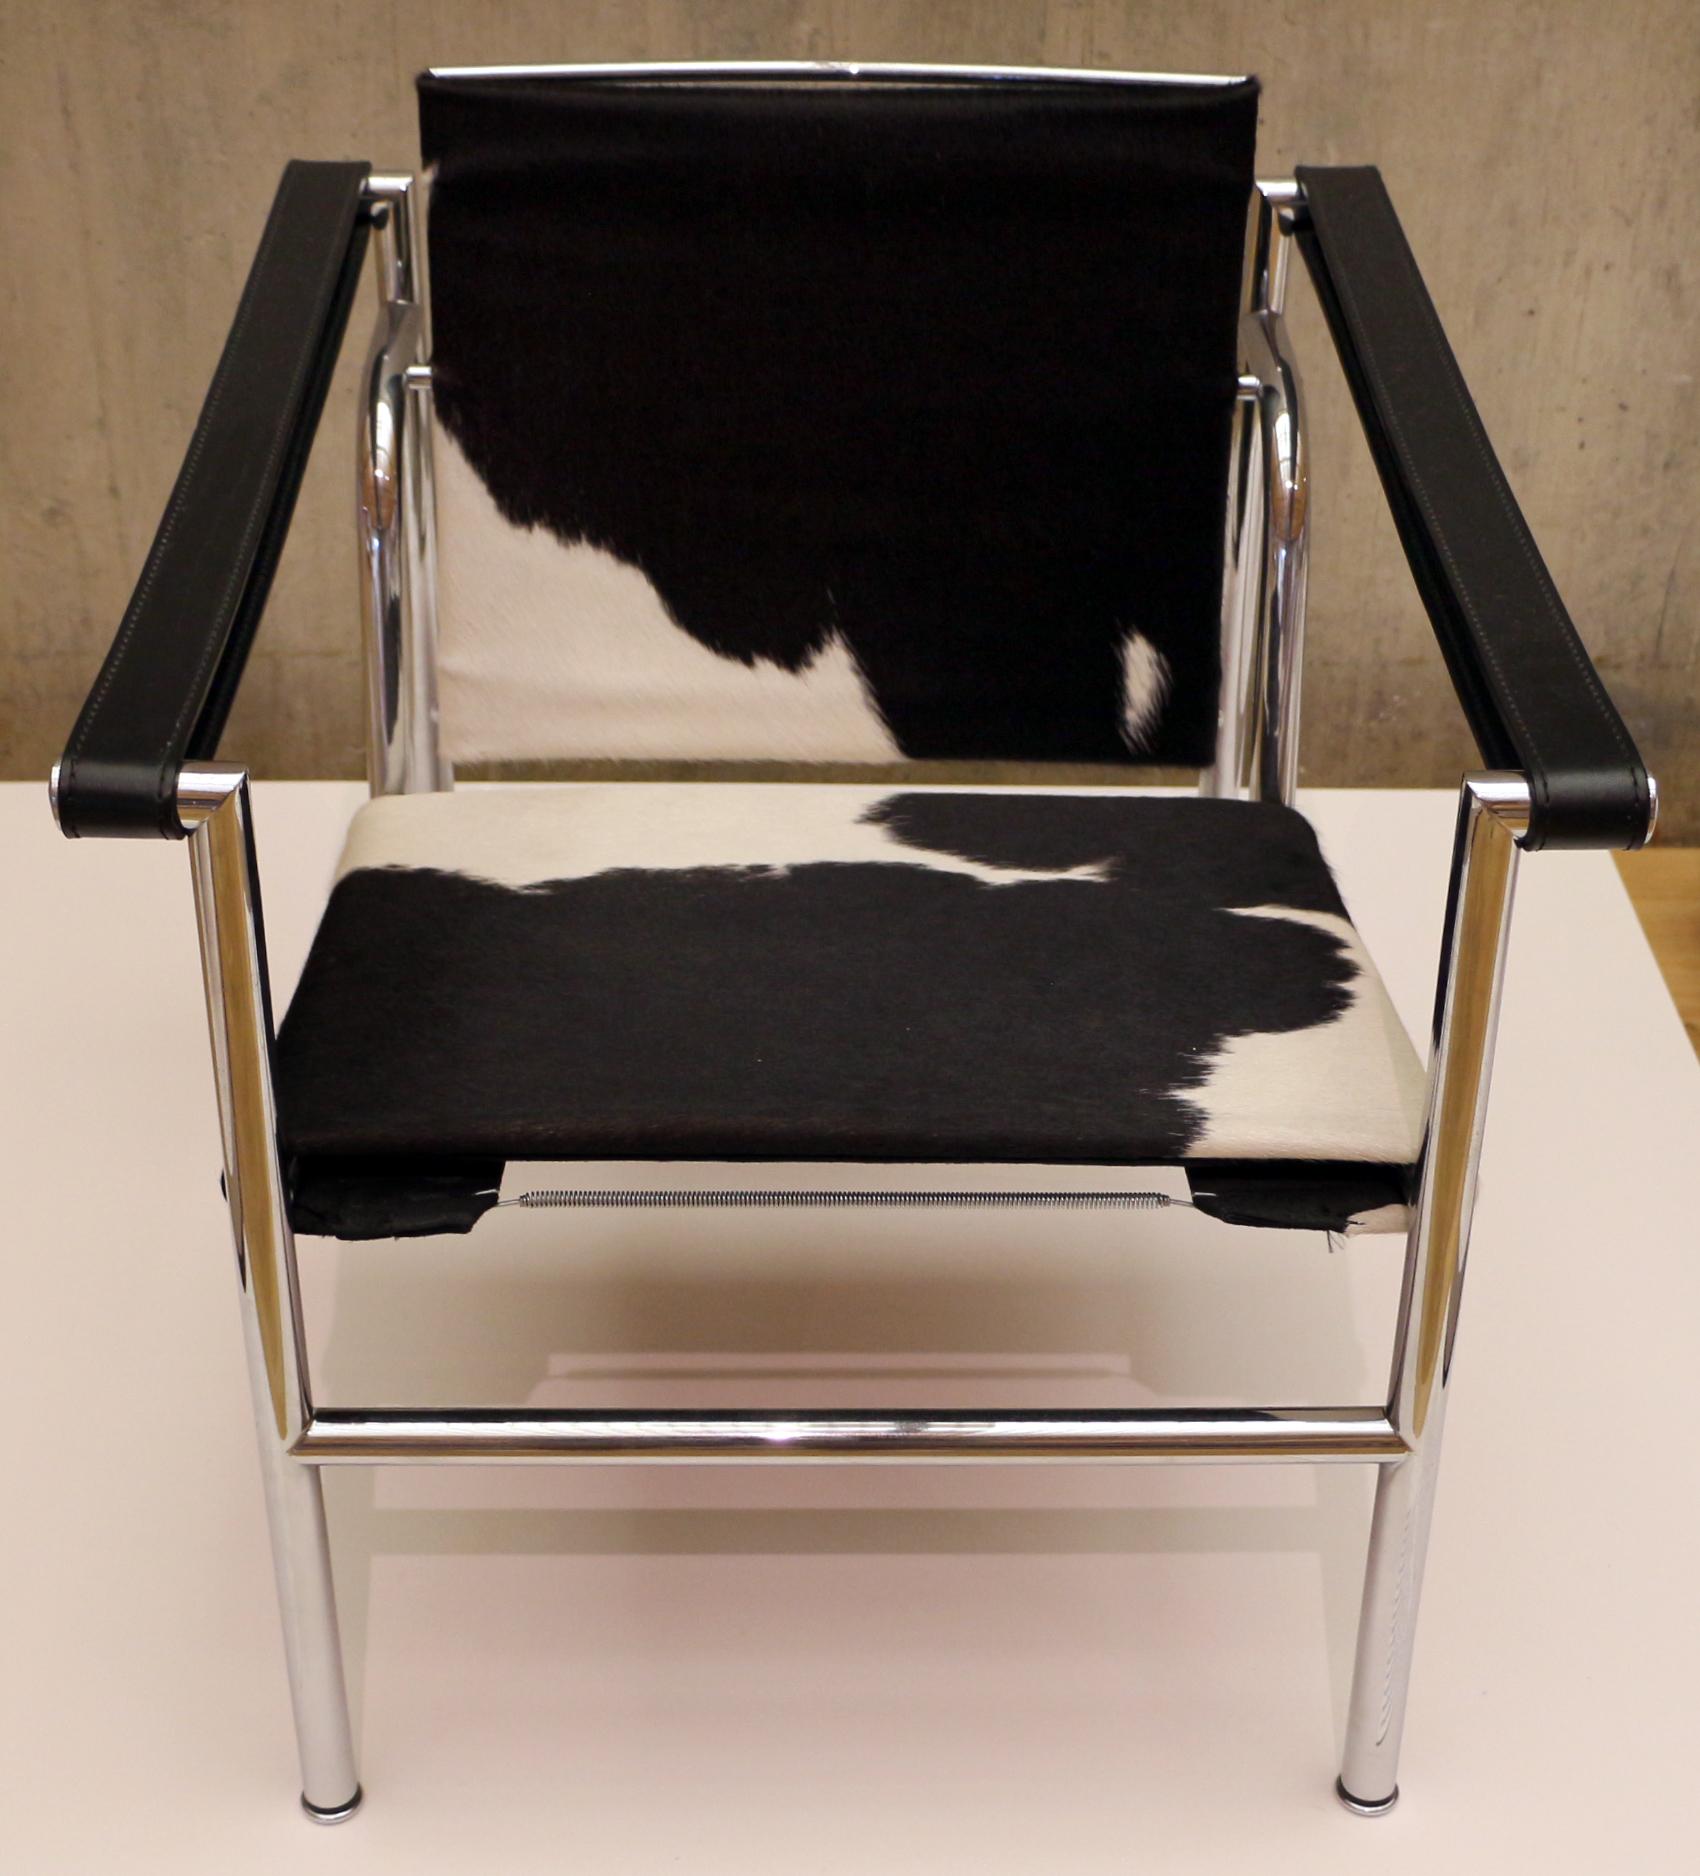 File:Le corbusier con jeanneret e charlotte perriand, sedia ...